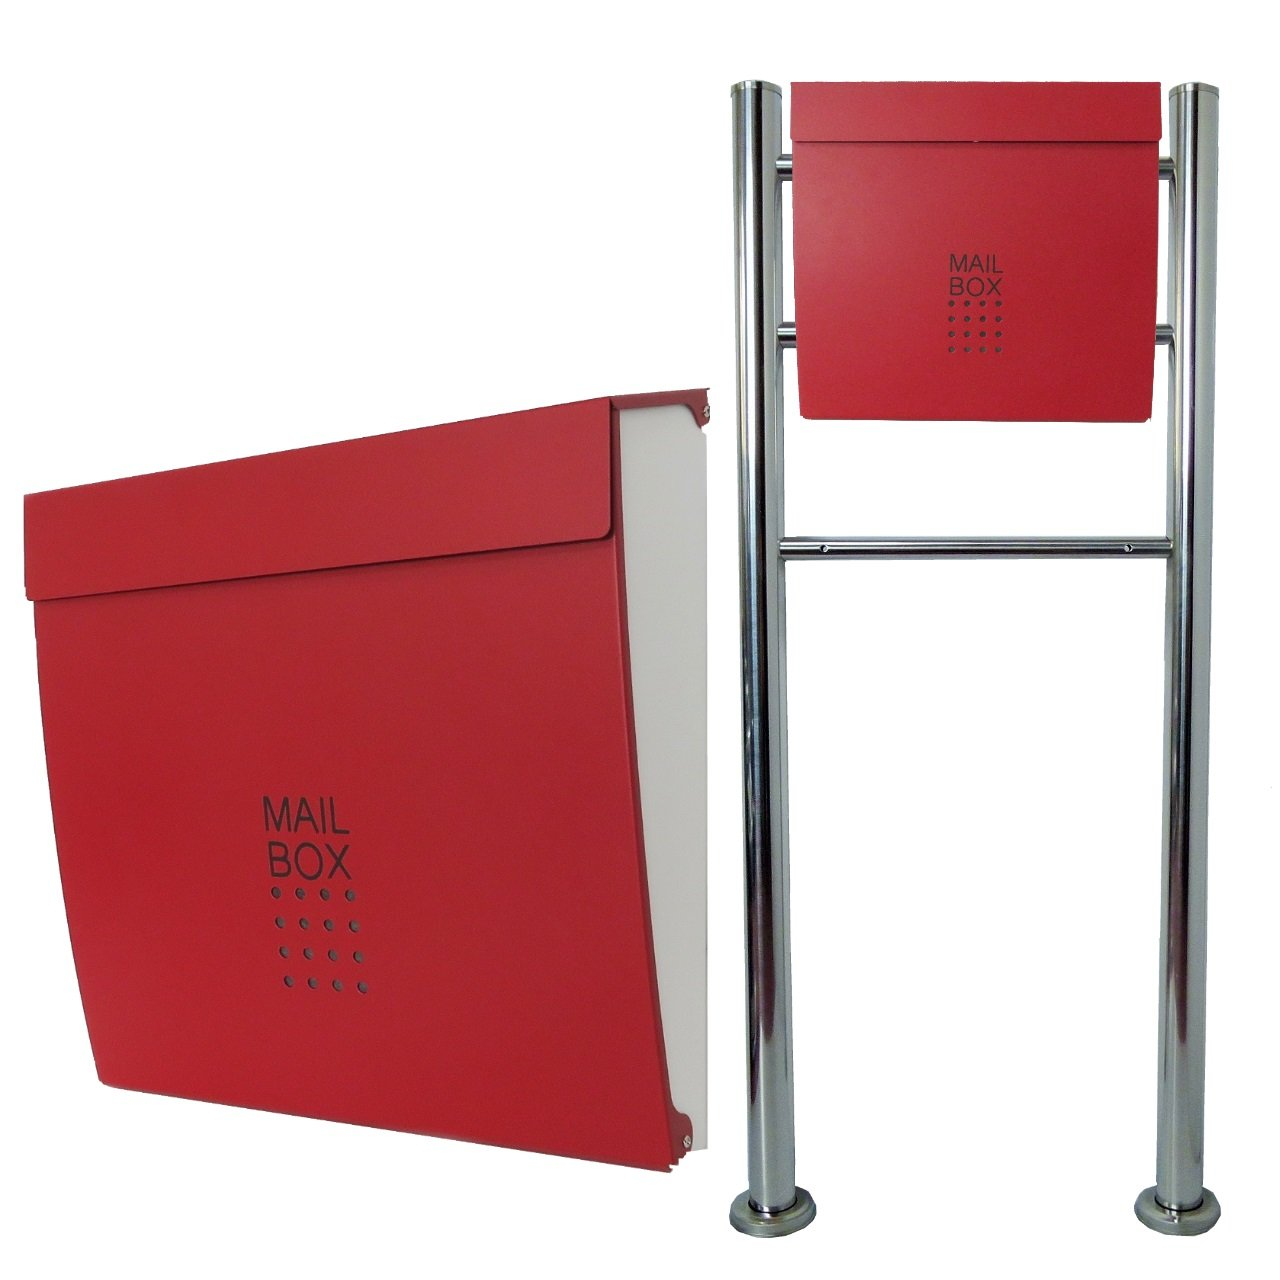 郵便ポスト郵便受けおしゃれ北欧風飾りバー付スタンド型マグネット付バイカラーレッド赤色ポスト新pm06f-pm173 B076GW7MK1 17880